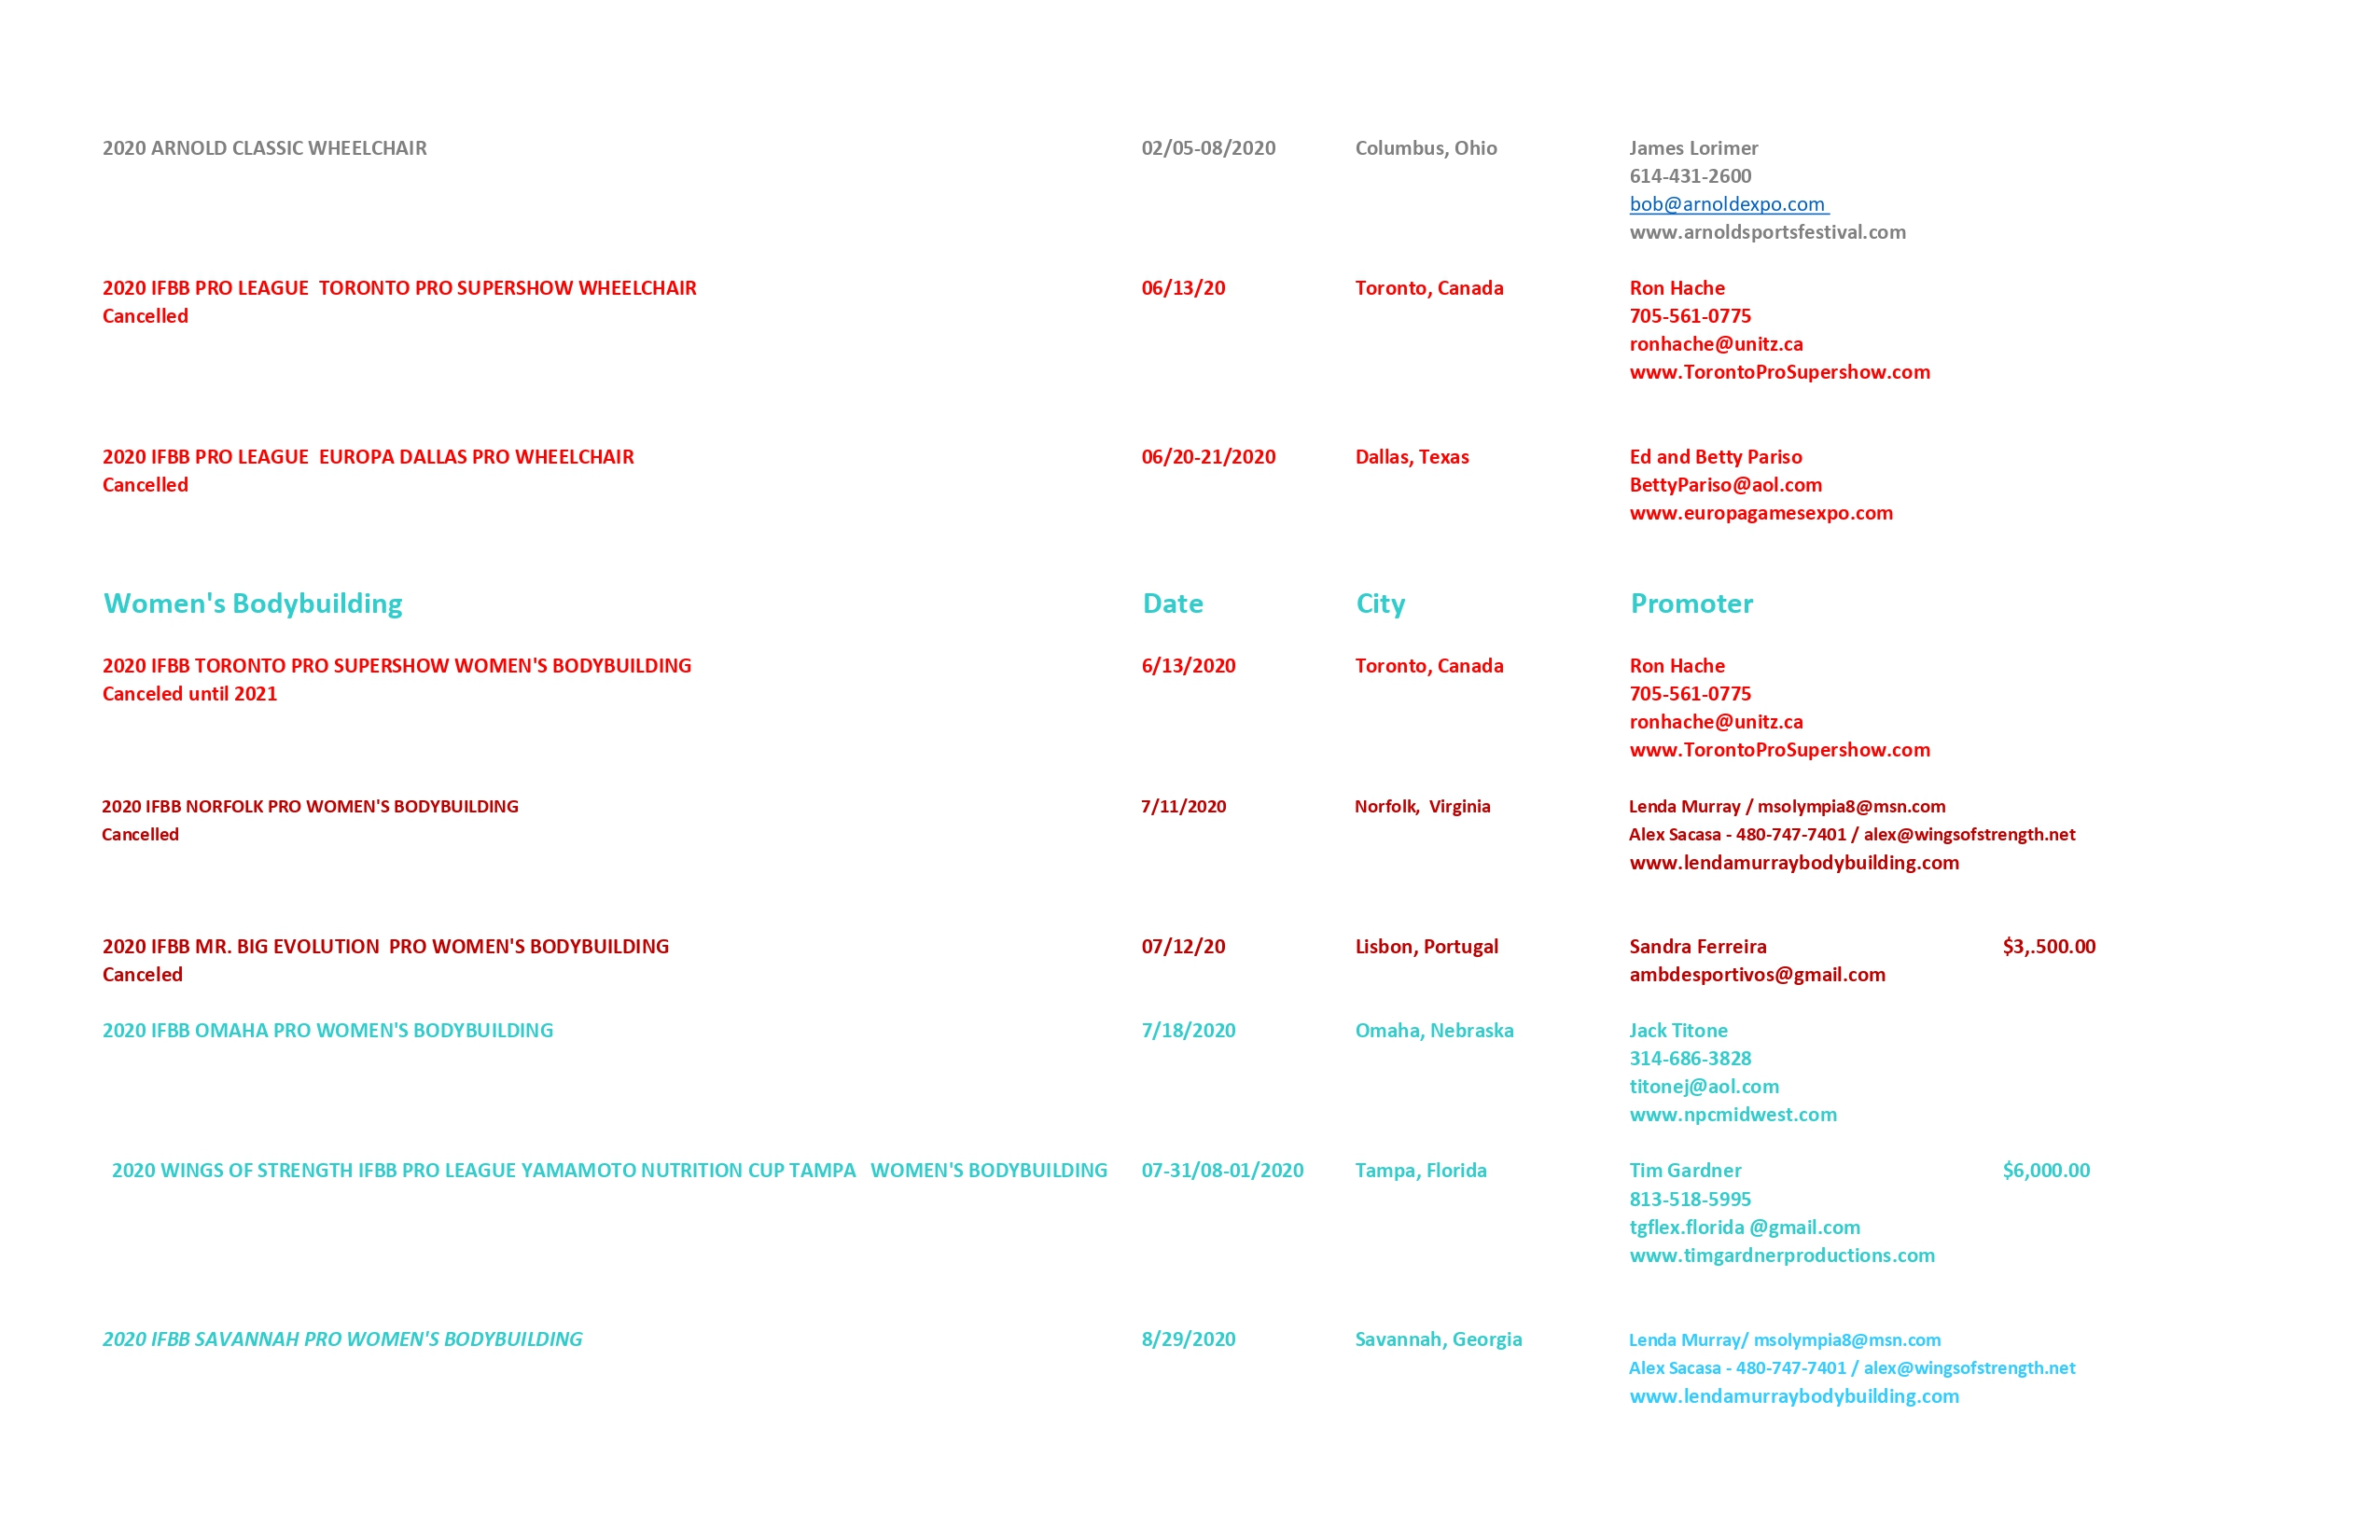 calendari completi delle gare della pro league per il 2020 aggiornato al 28 giugno 2020